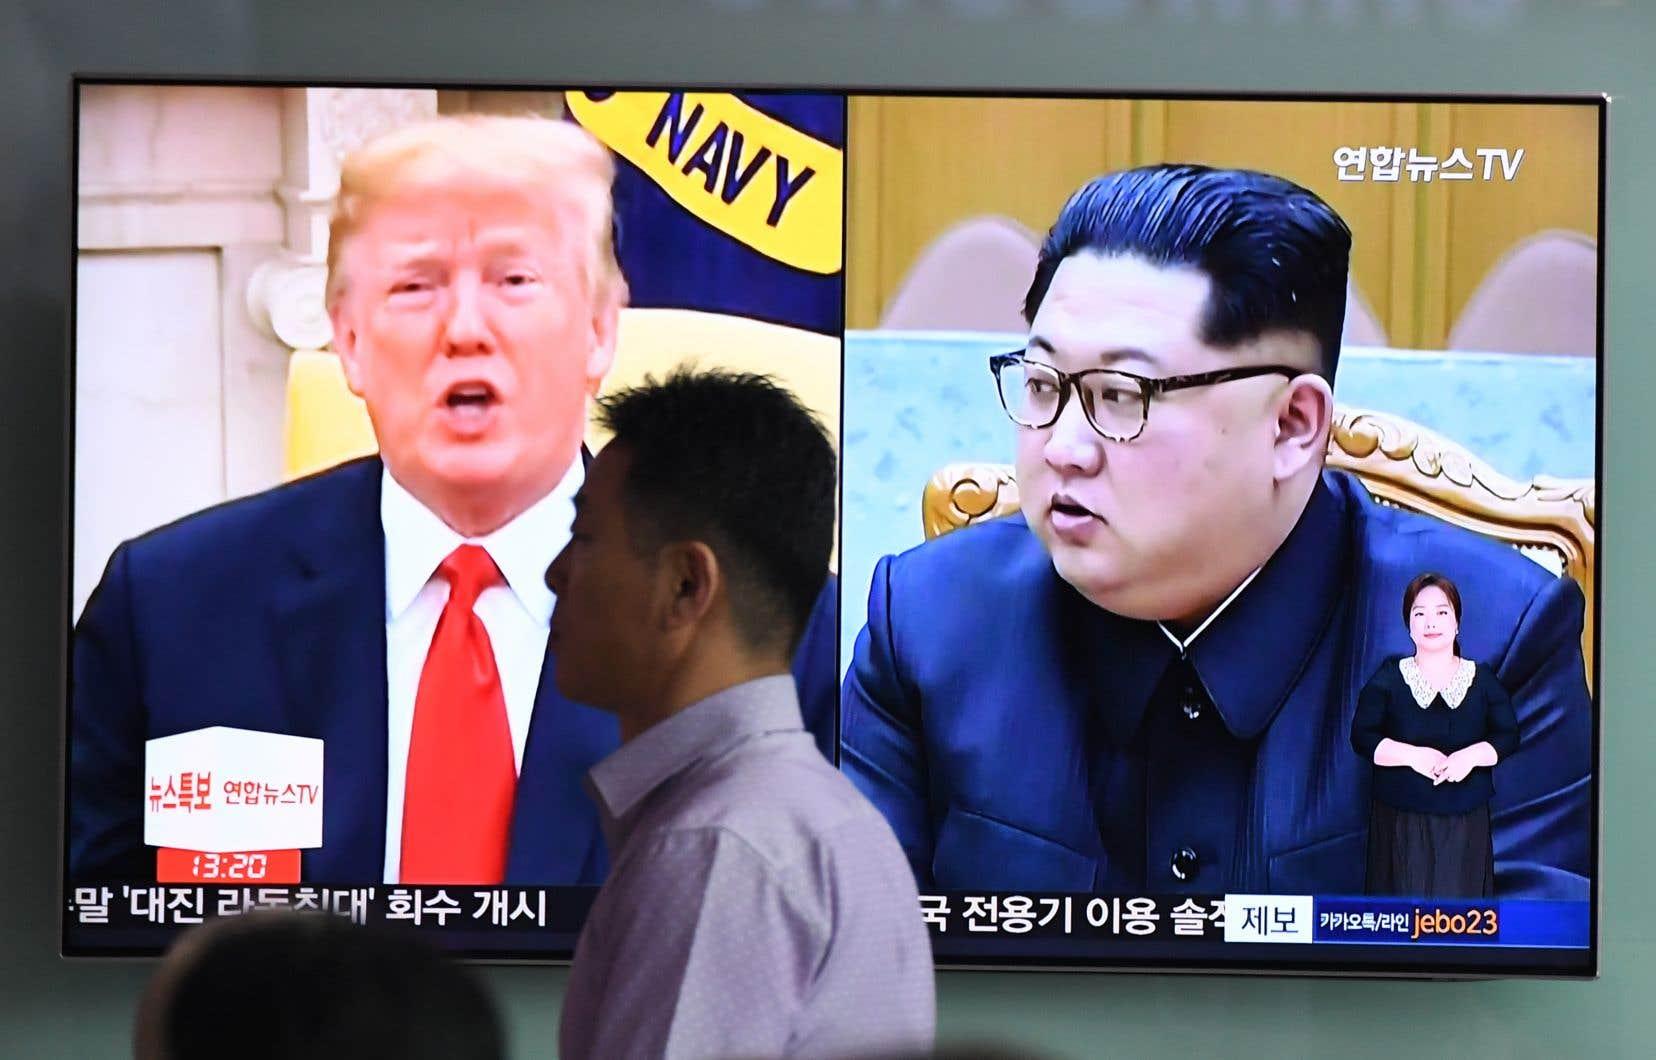 Donald Trump et Kim Jong-un prévoient d'abord discuter seuls avec leur interprète pendant environ une heure.